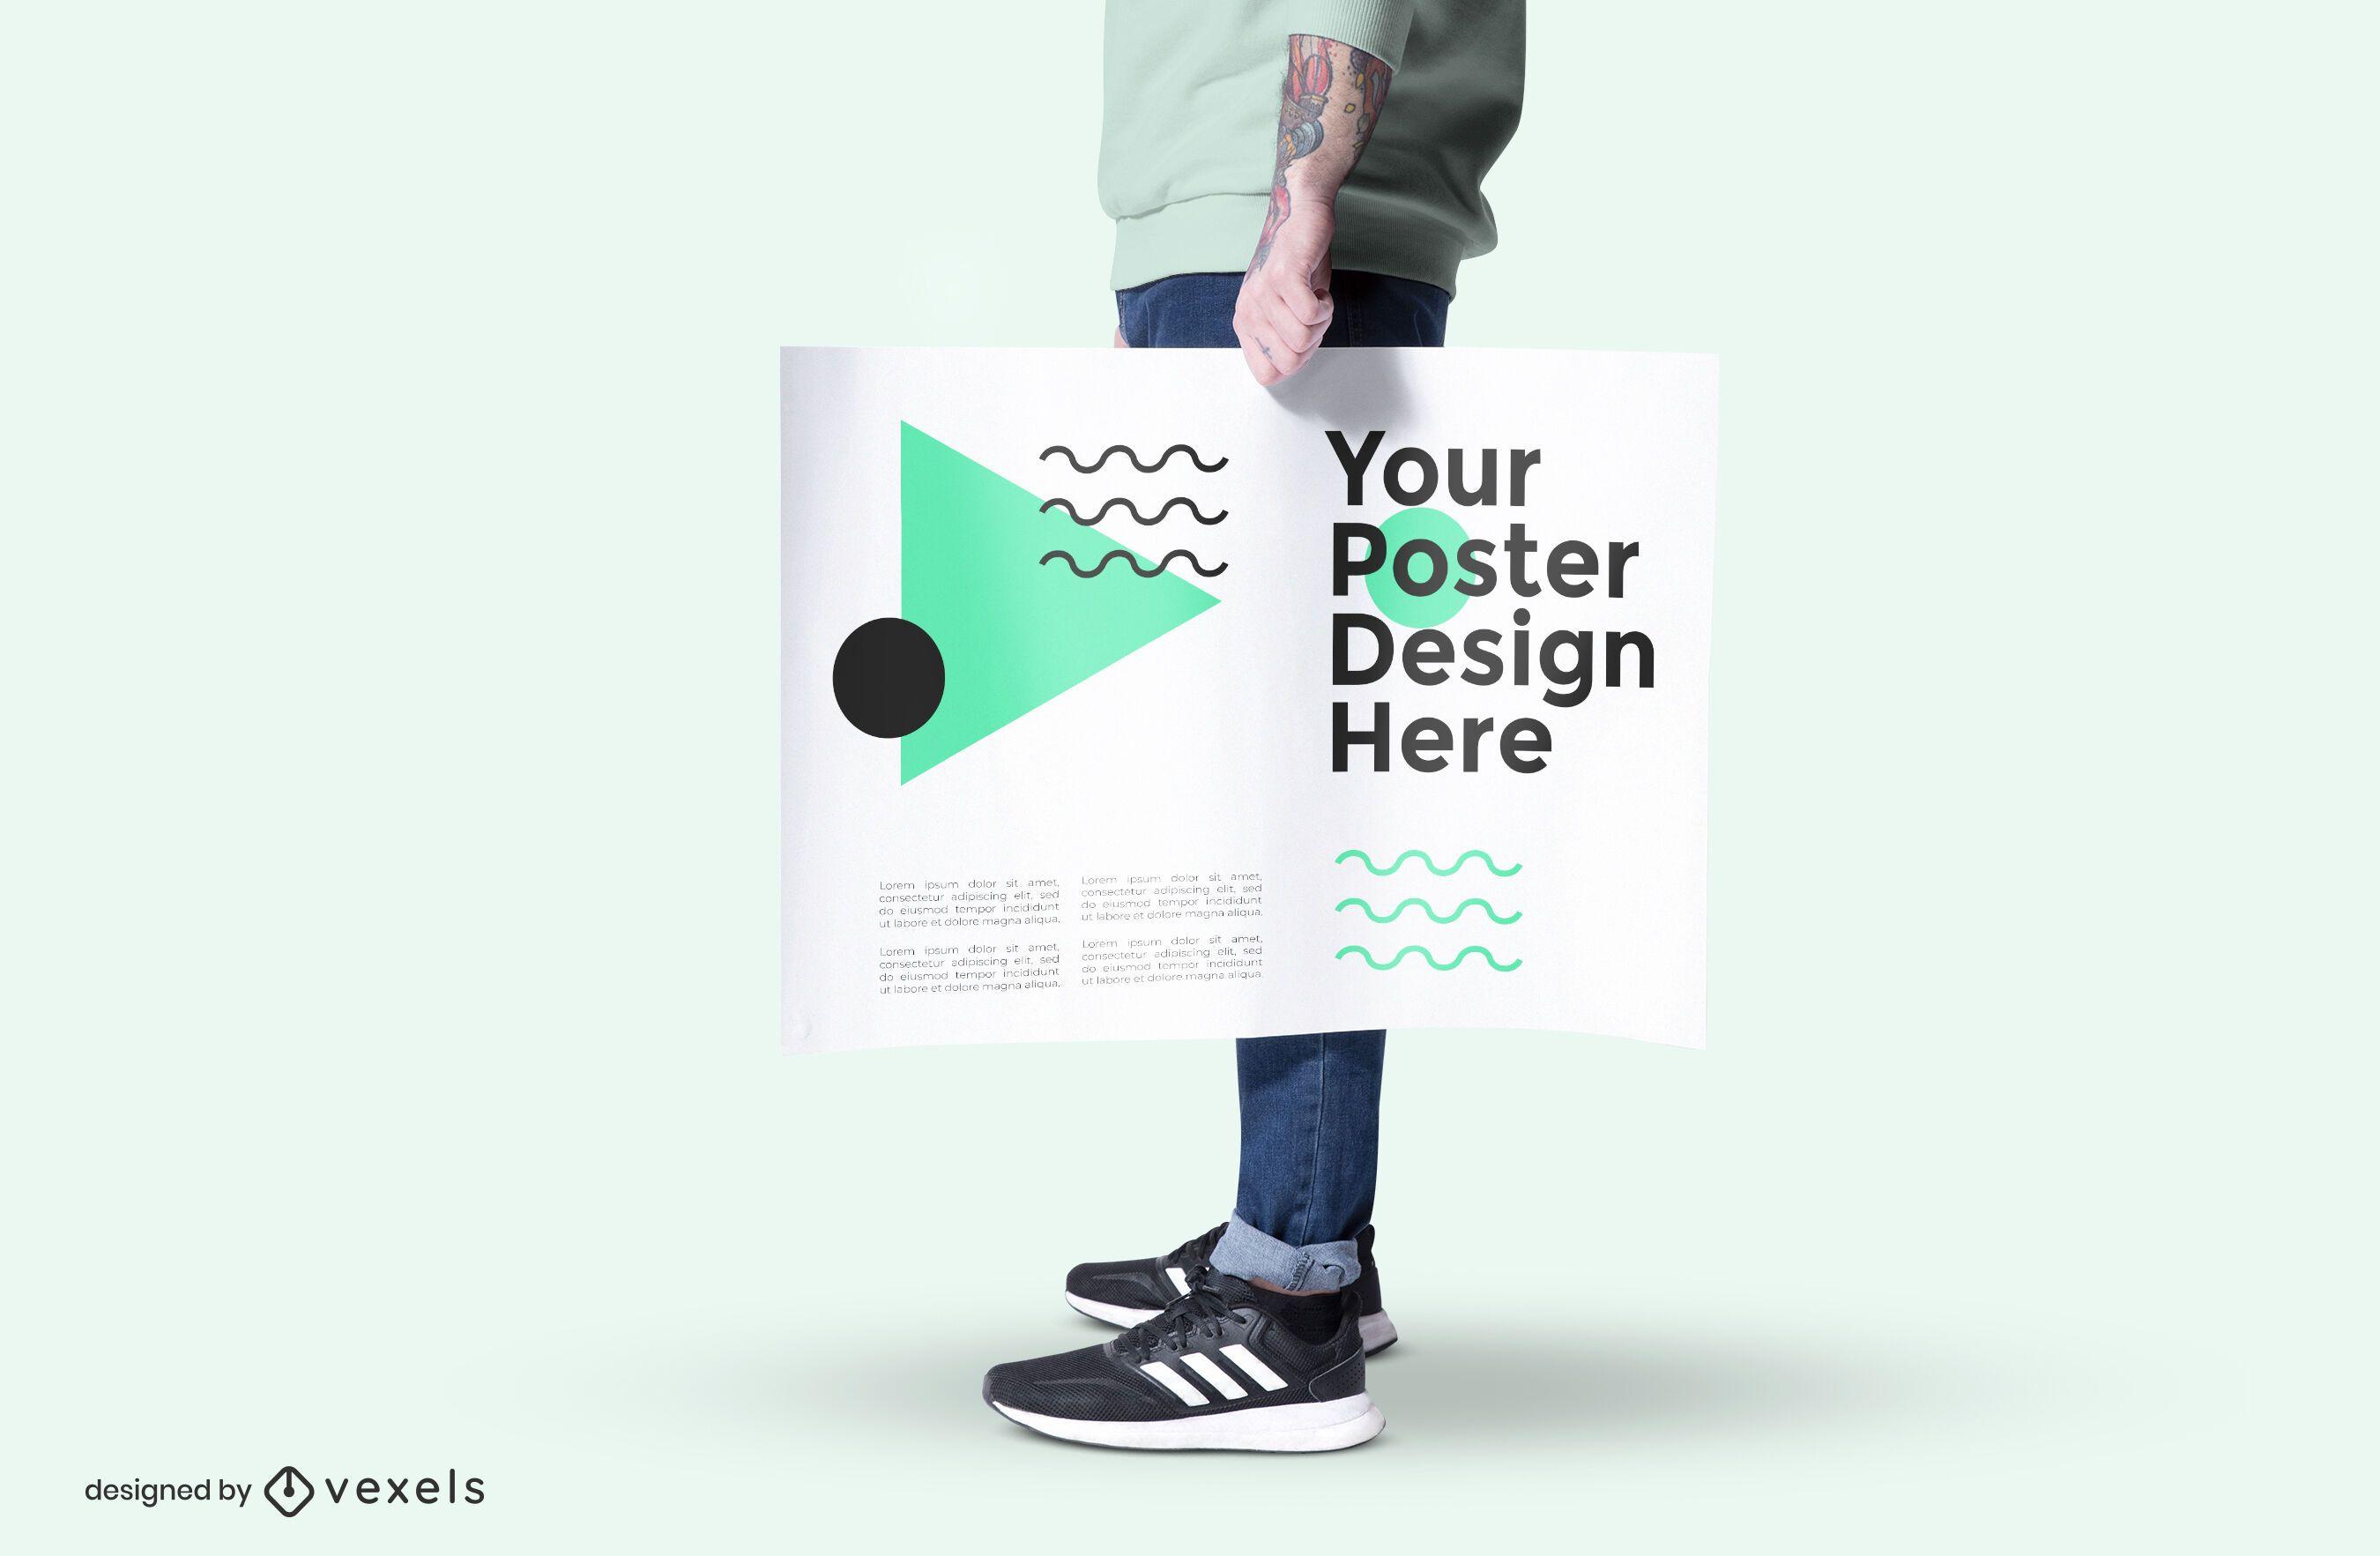 Modelo con diseño de maqueta de póster